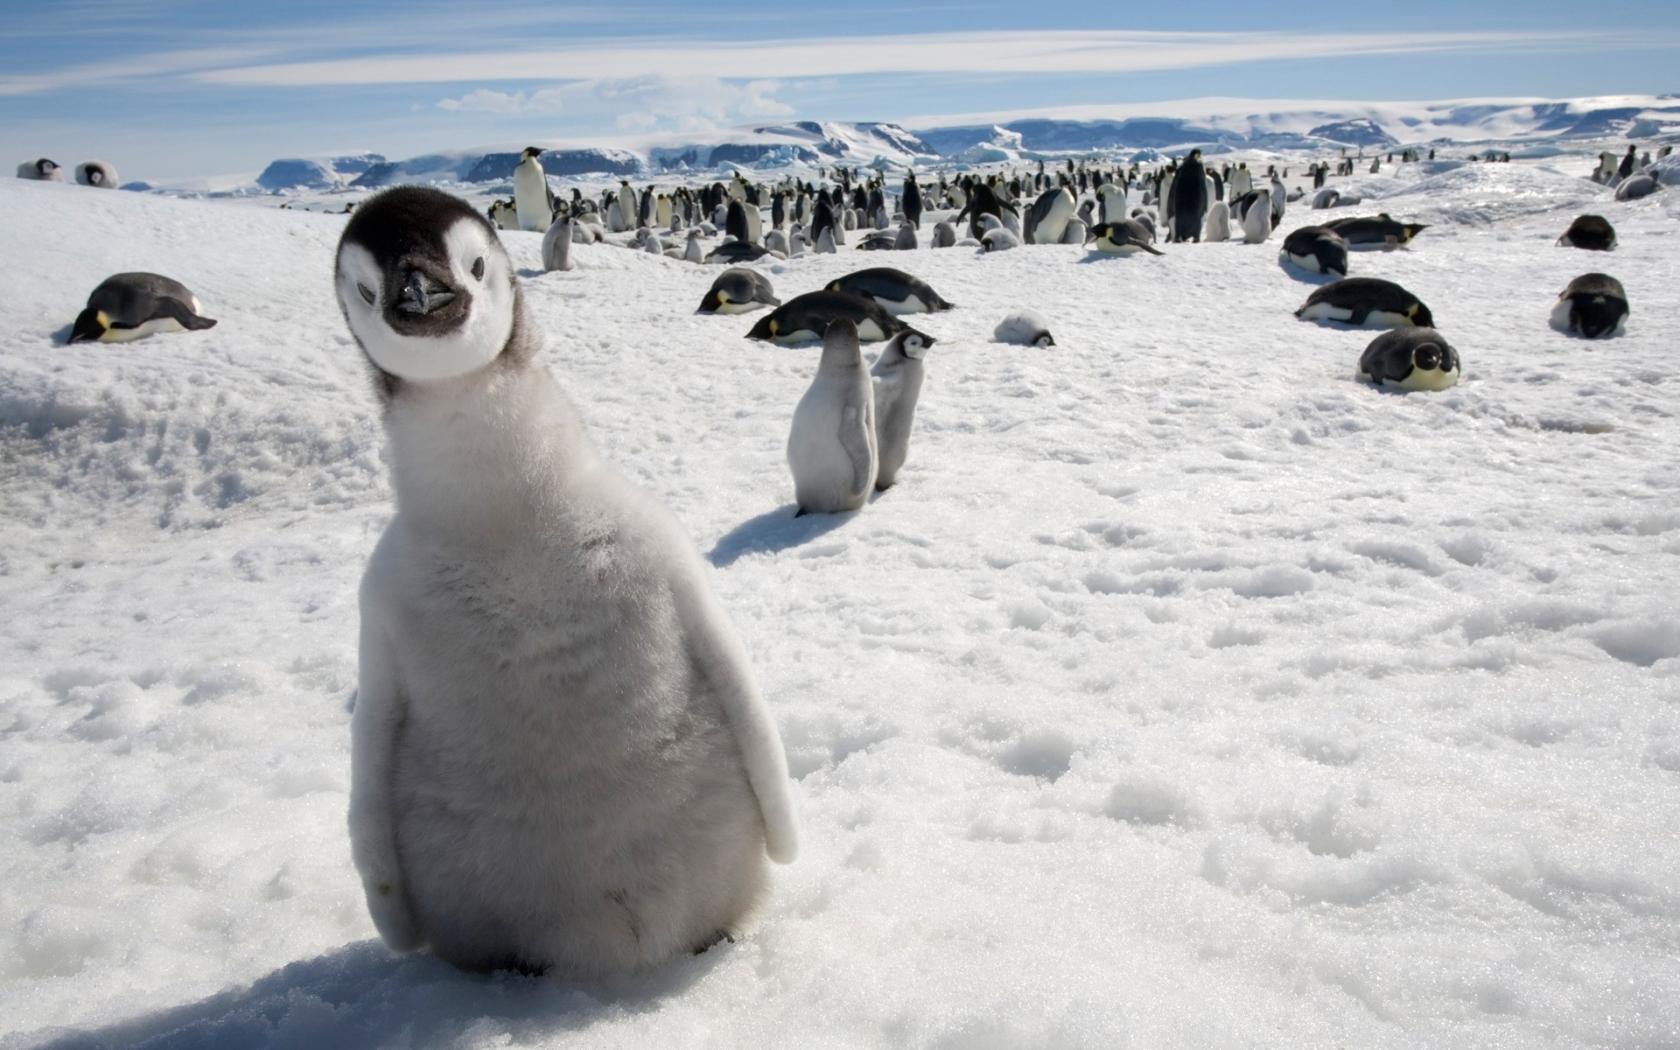 Pinguinos en la nieve - 1680x1050